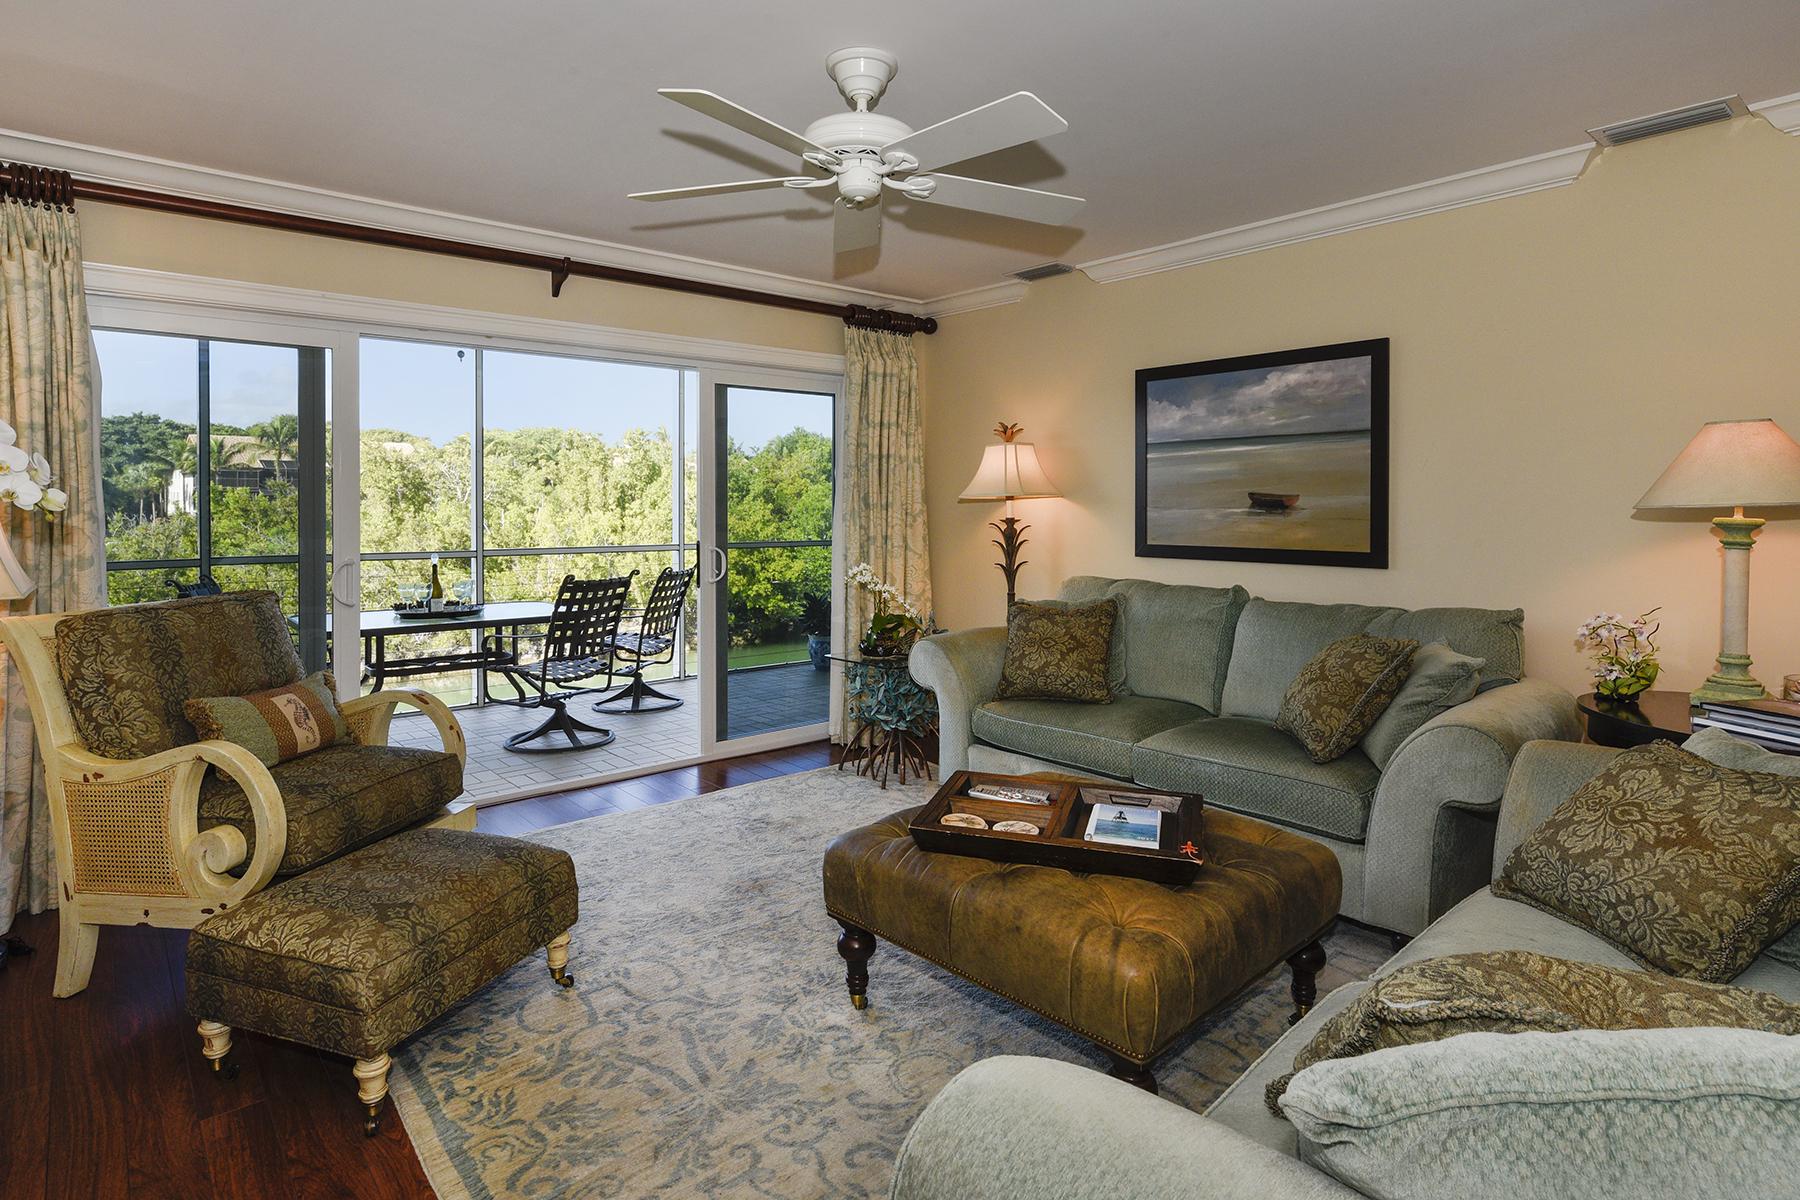 共管式独立产权公寓 为 销售 在 Waterfront Condominium at Ocean Reef 9 Landings, Unit A Ocean Reef Community, 拉哥, 佛罗里达州, 33037 美国